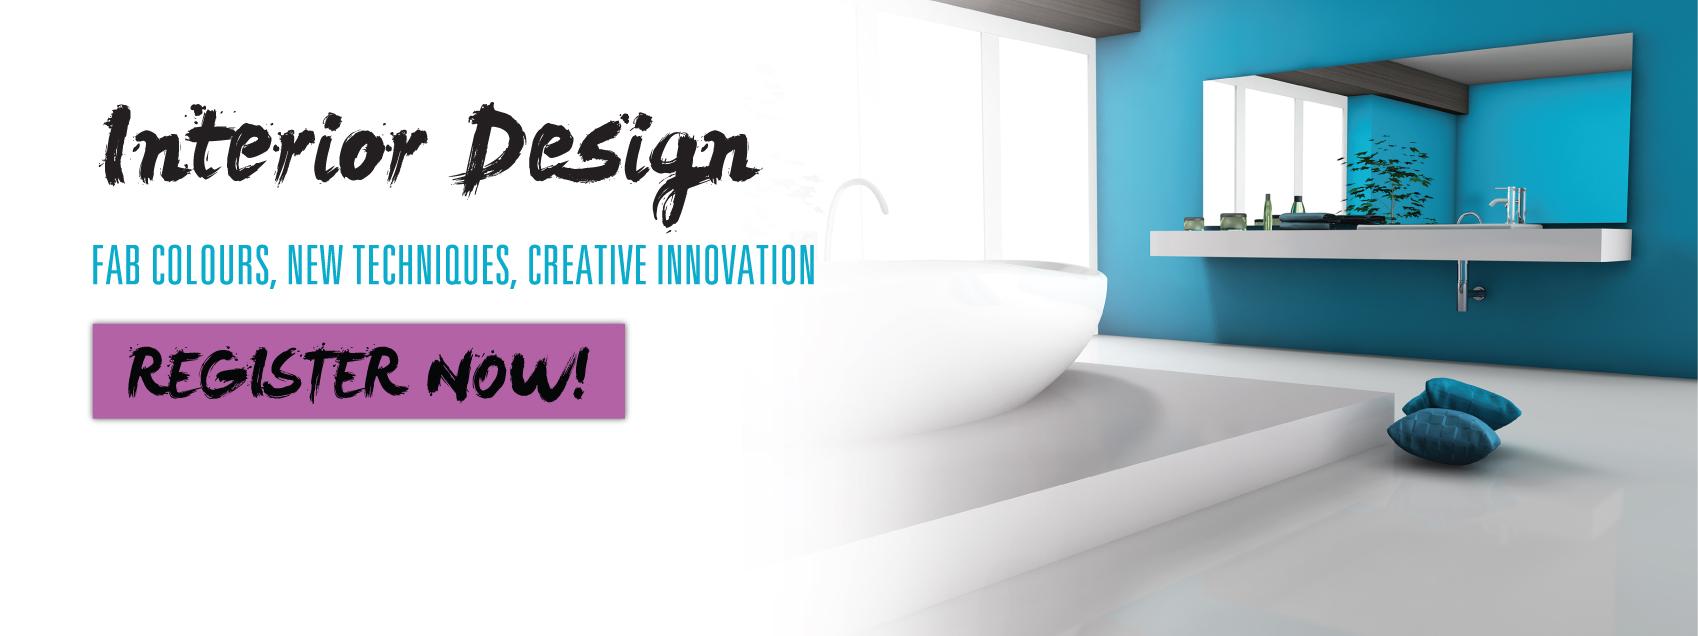 HC-Interior-Design-Banner-FINAL